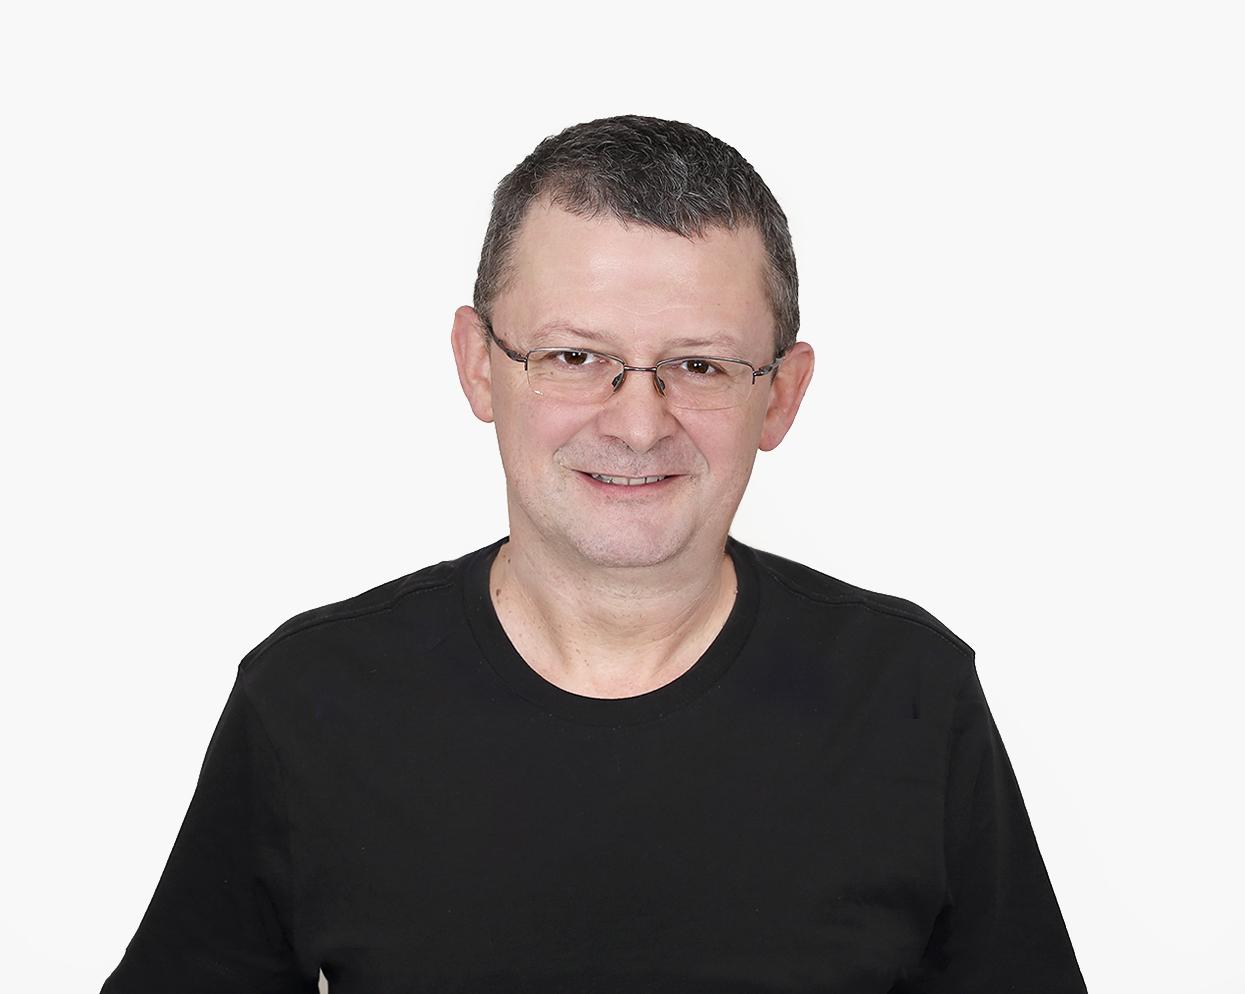 Martin Kranl